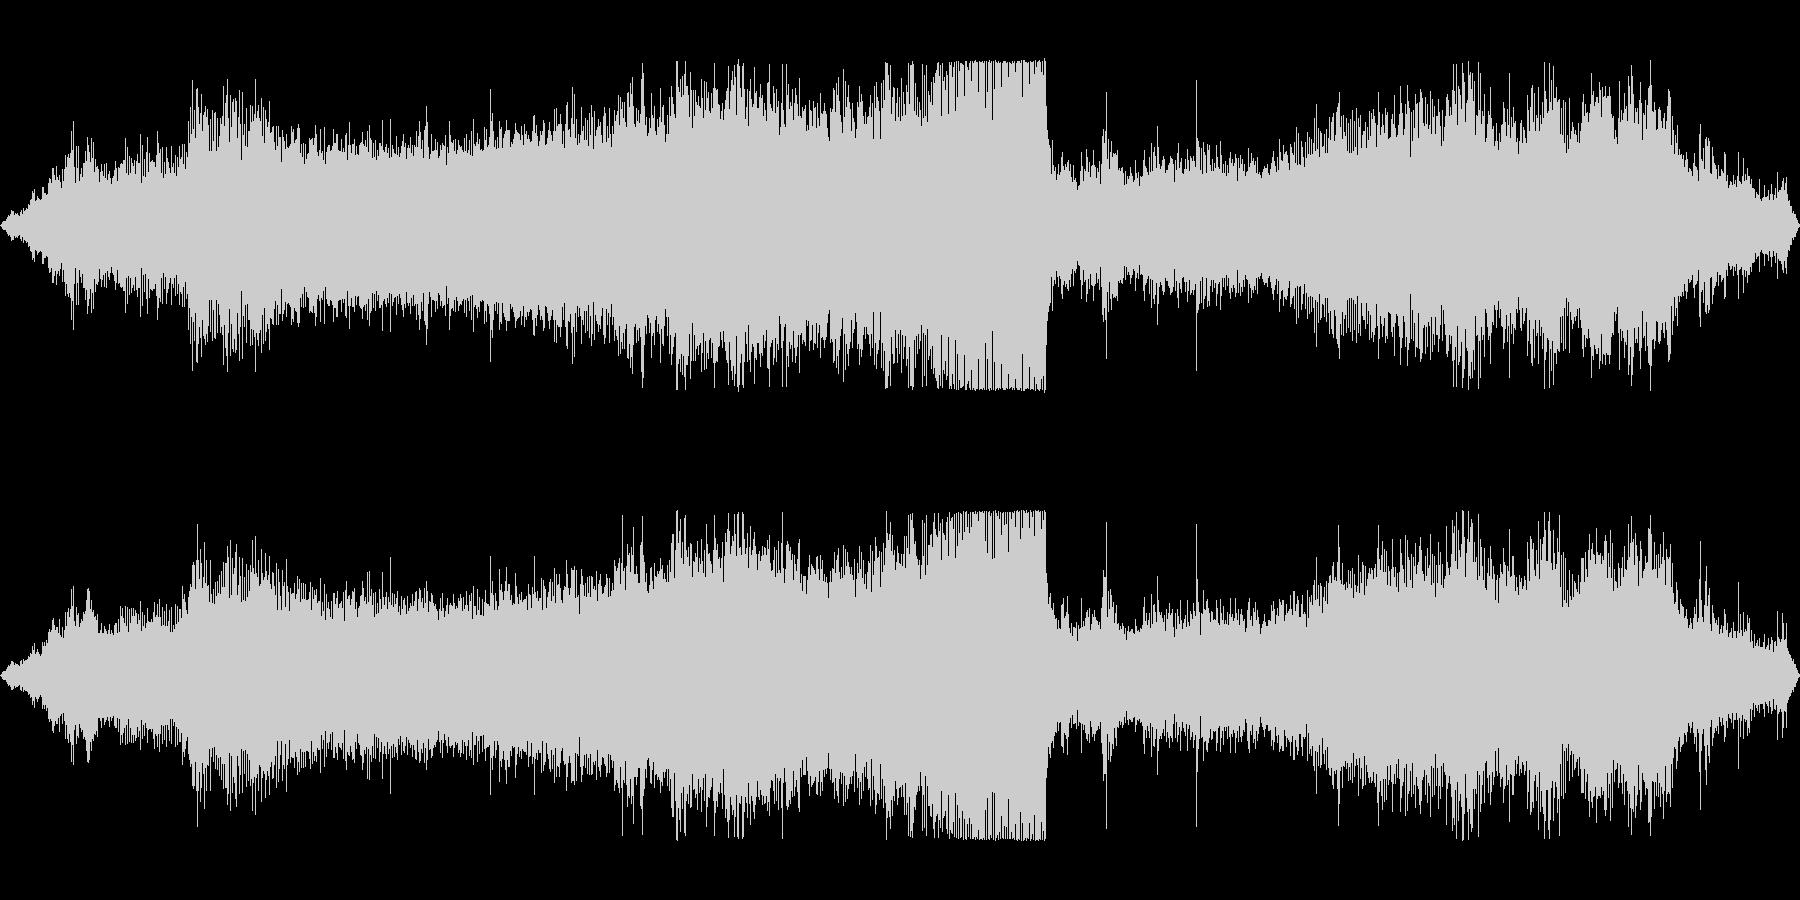 ディーゼルカーの走行音 エンジン音の未再生の波形